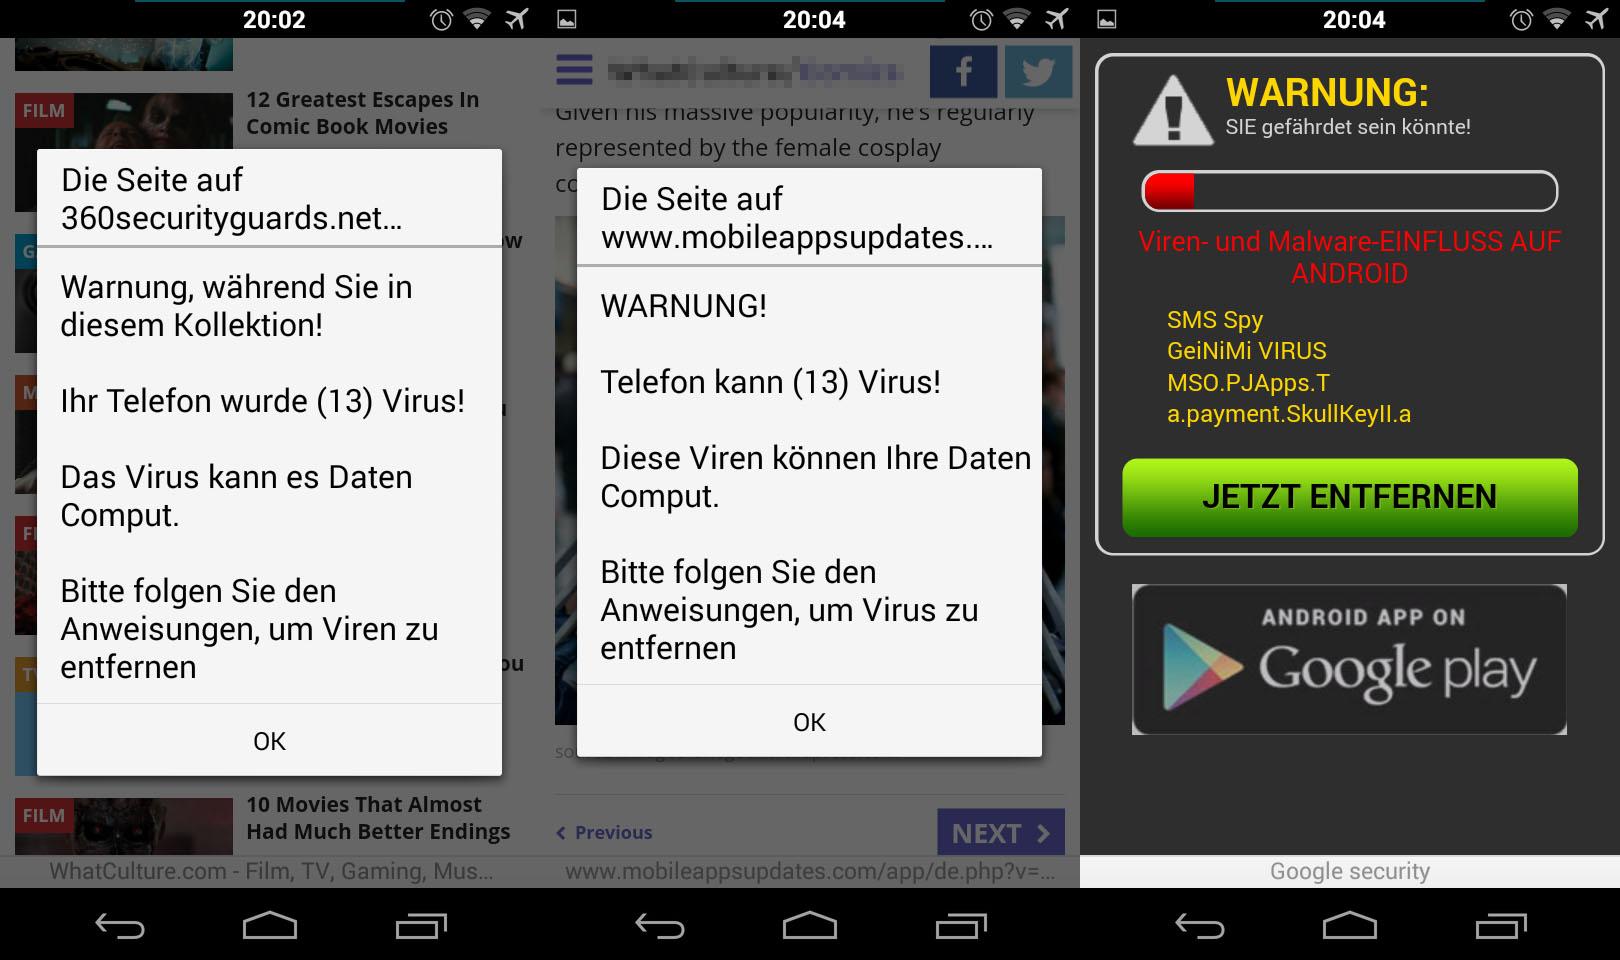 Virus Auf Iphone Erkennen